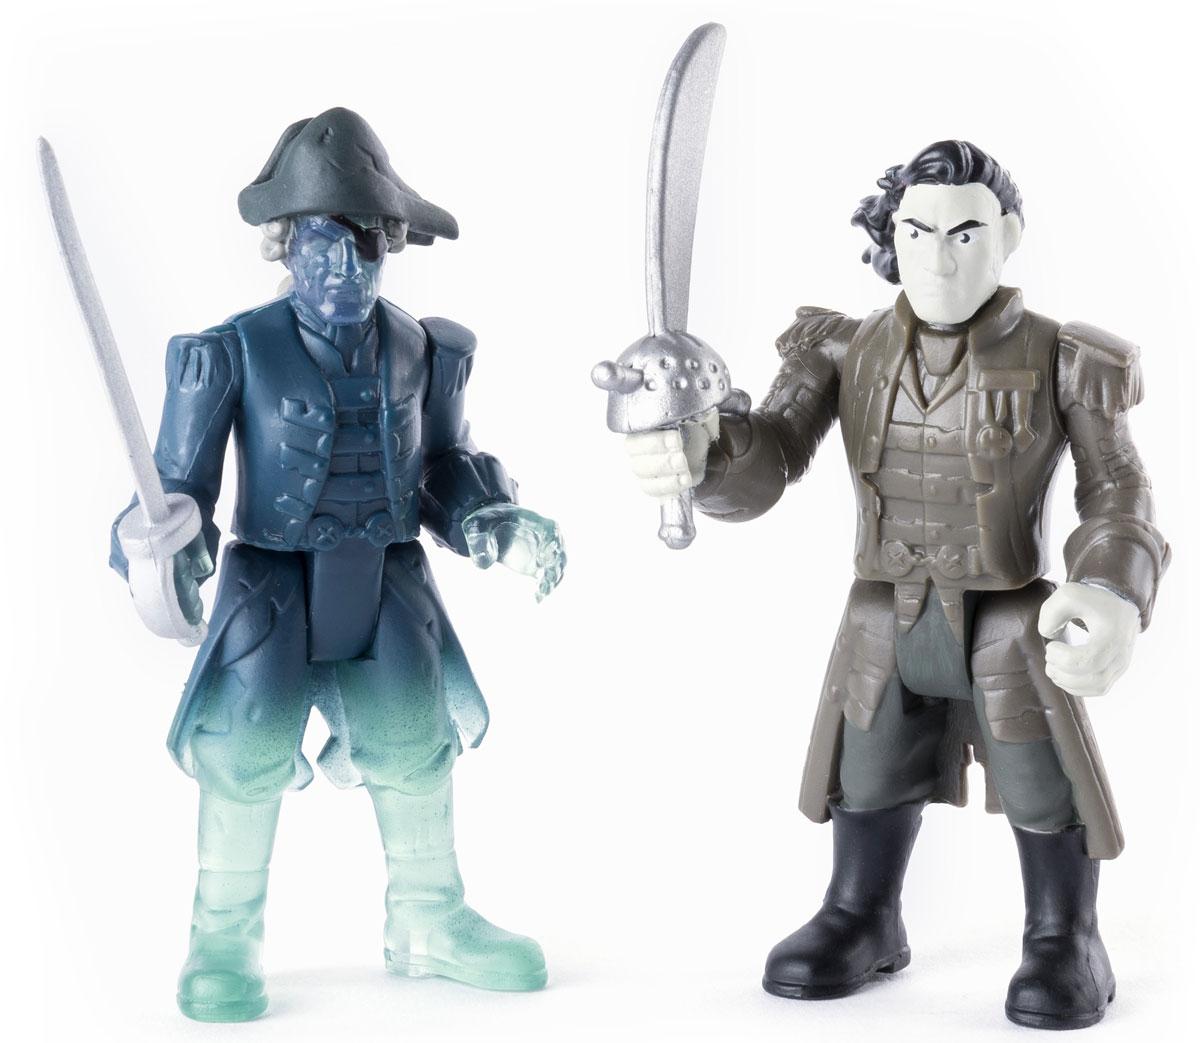 Pirates of Caribbean Набор фигурок Captain Salazar & Ghost Crewman черная жемчужина корабль капитана джека воробья